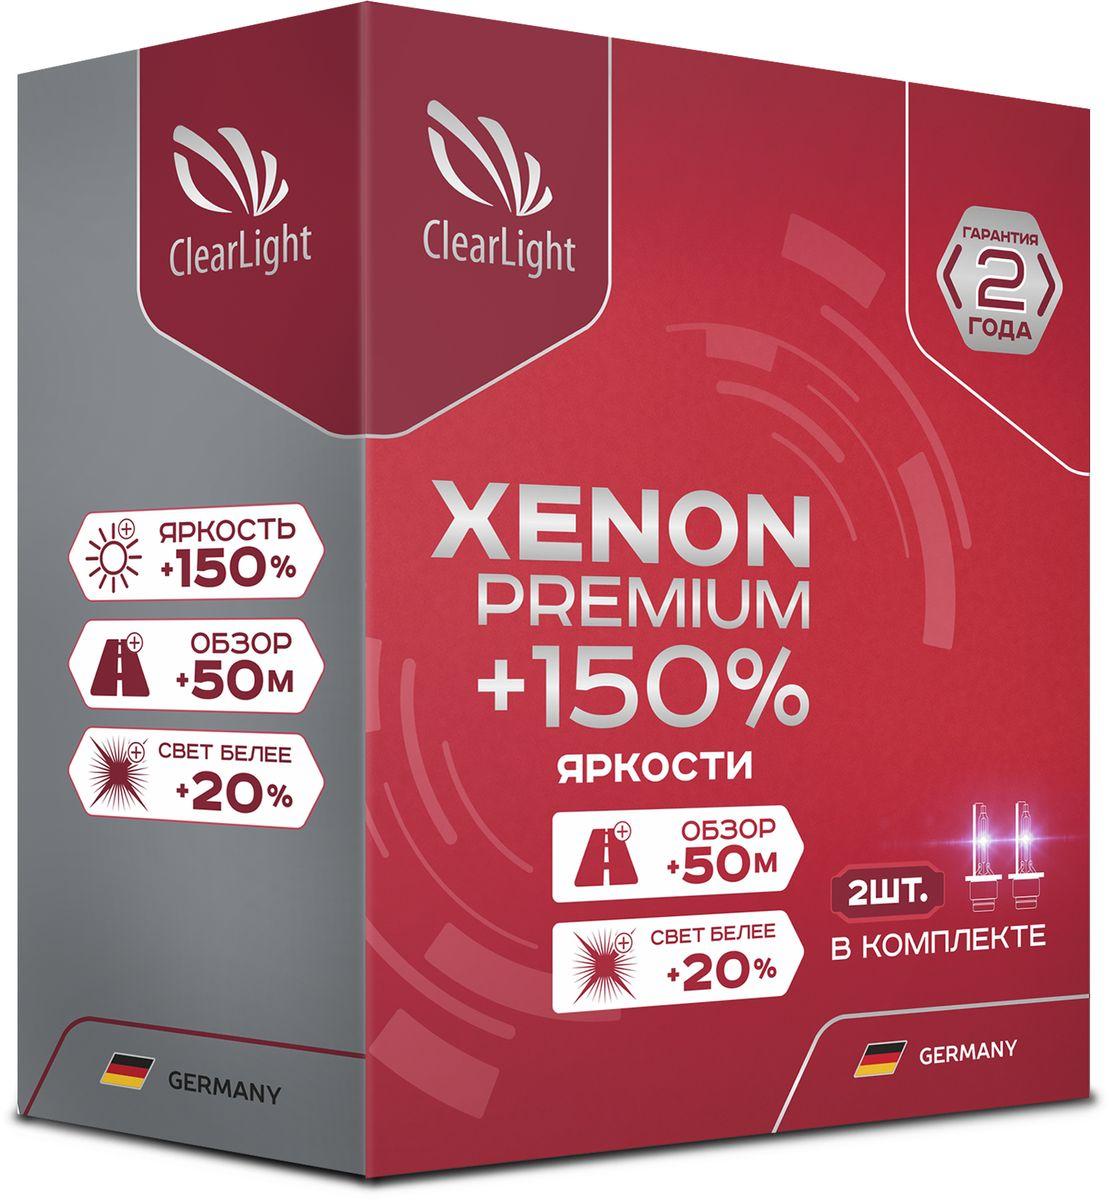 Лампа автомобильная ксеноновая Clearlight Xenon Premium+150%, цоколь H1, 5000 К, 35 Вт, 2 штPCL H10 150-2XP-2Лампы Xenon Premium+150% подойдут для самых взыскательных покупателей. Высокая яркость лампы достигнута за счет применения инновационных технологий, позволивших увеличить давление газов внутри колбы лампы. +150% яркости, обзор +50 метров, кристально белый свет. Гарантия 2 года.